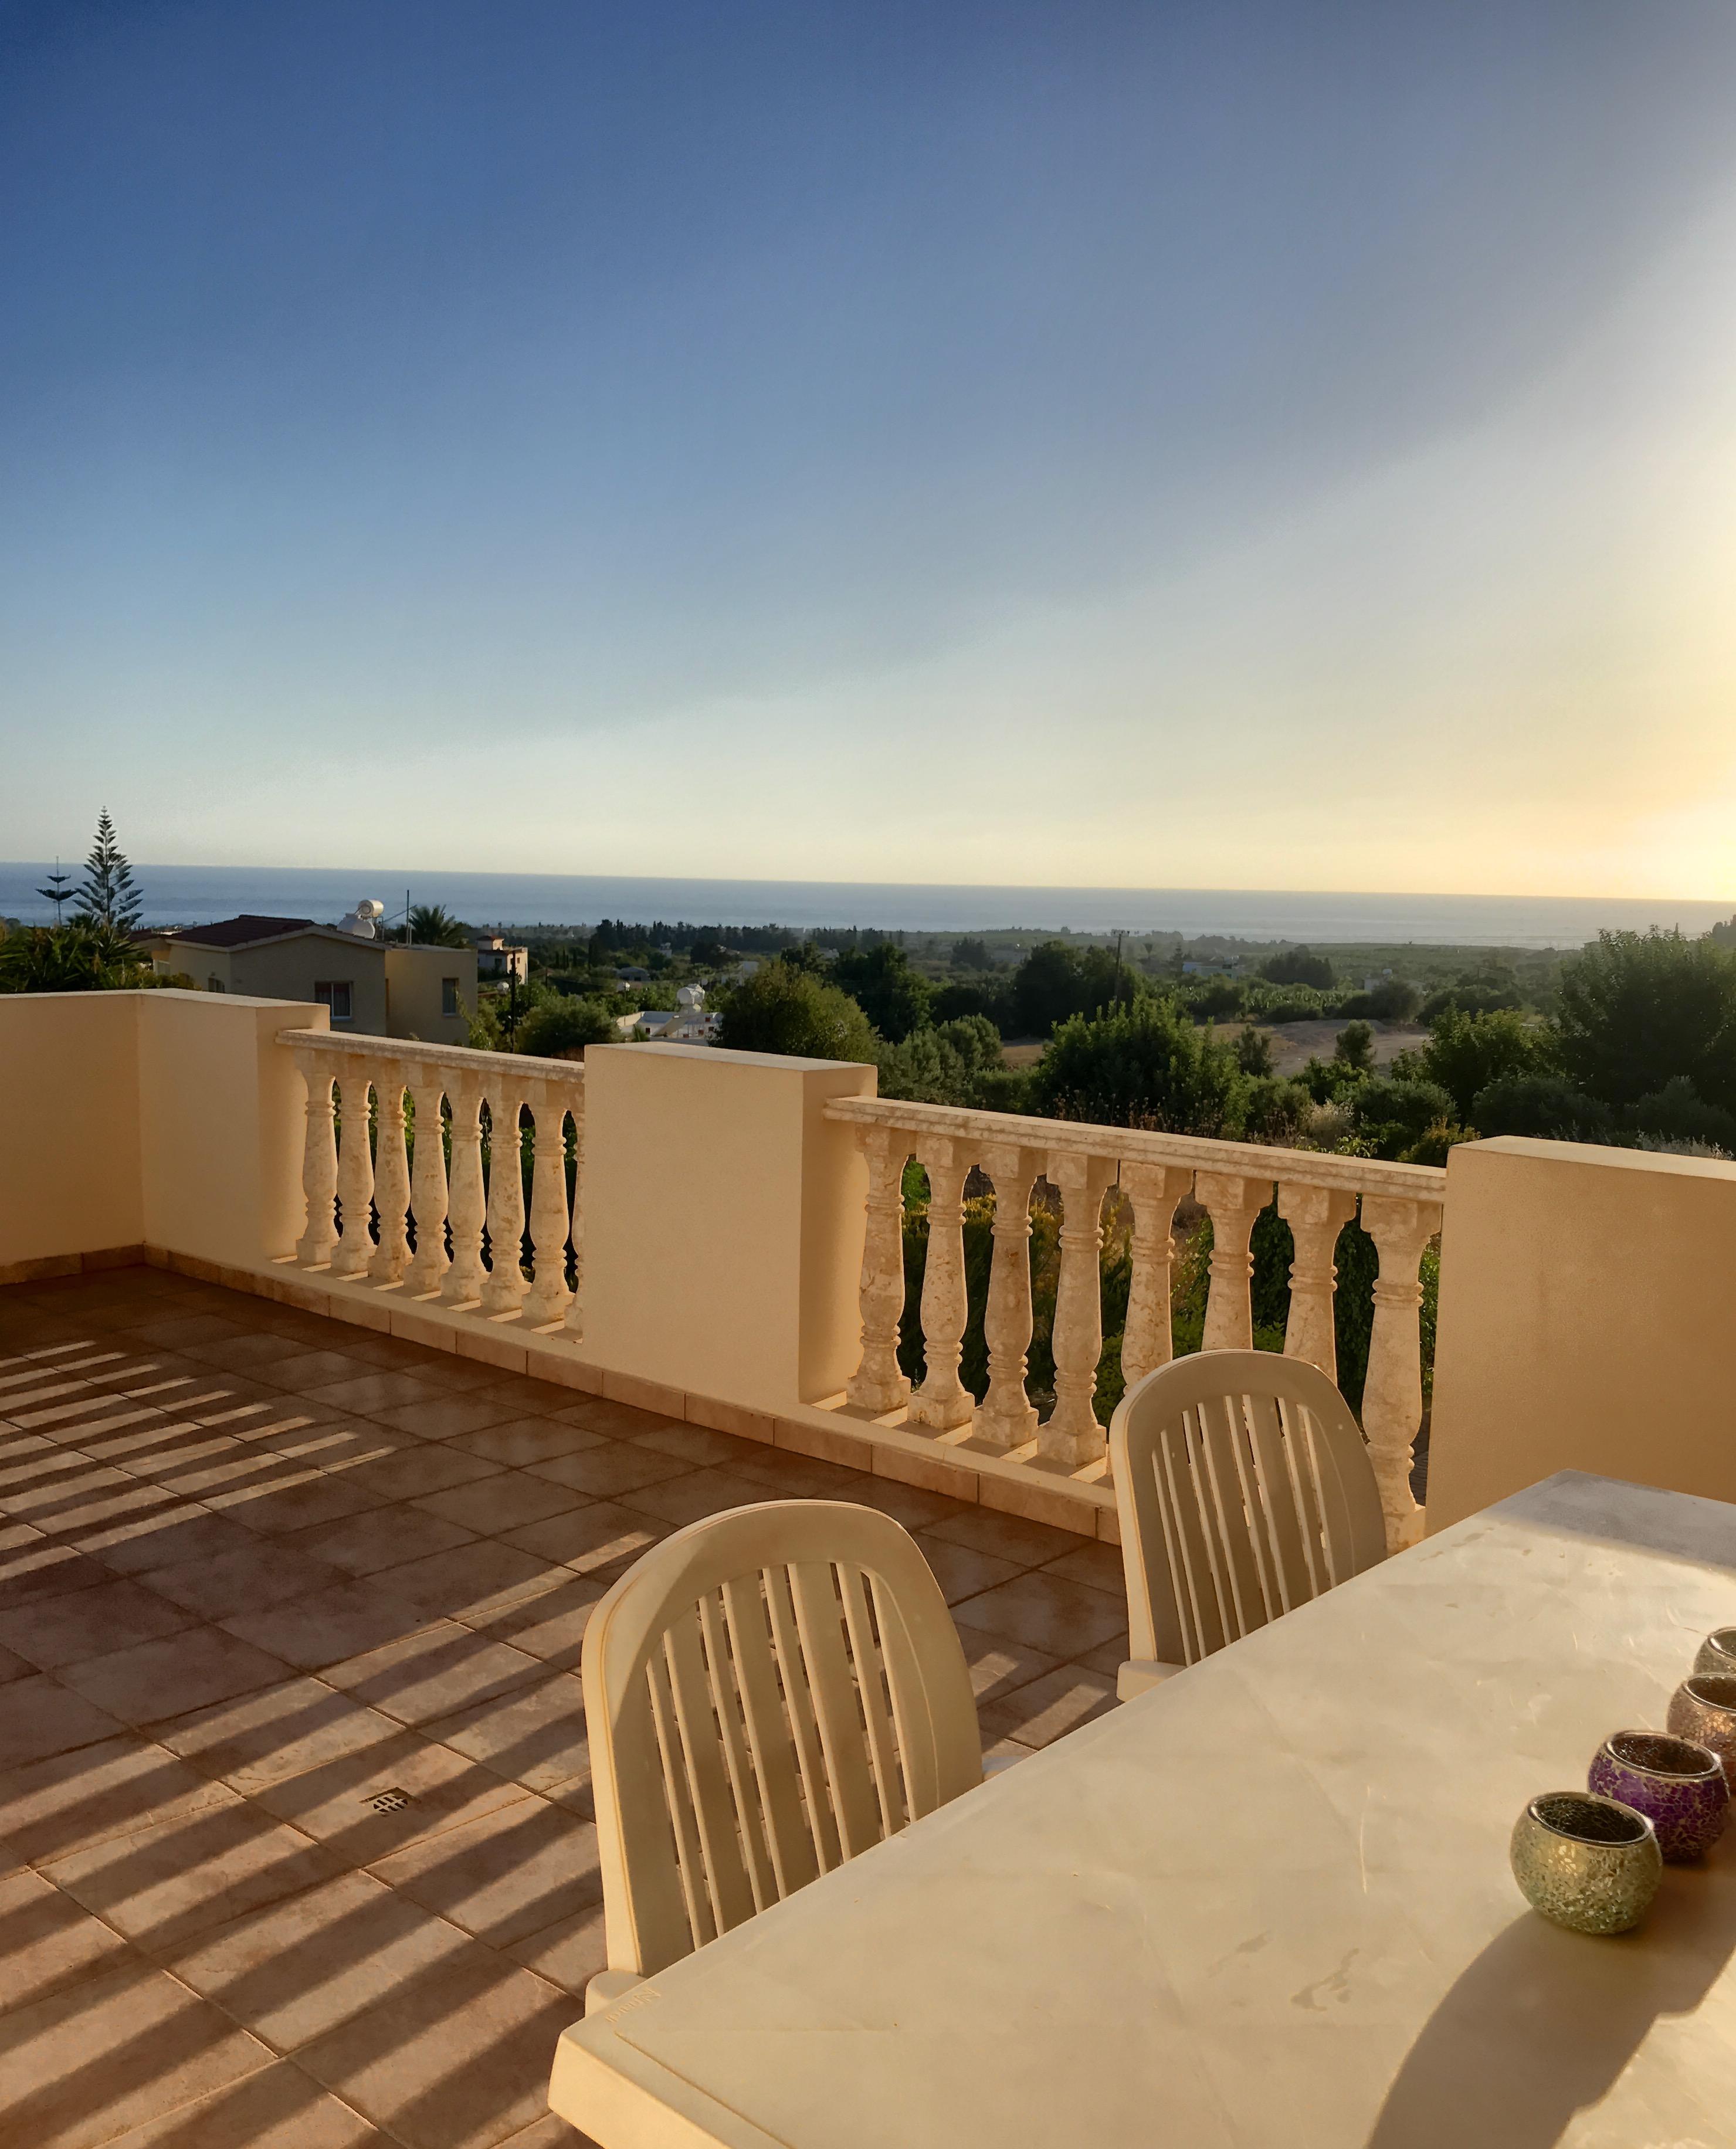 Cyprus apartment balcony